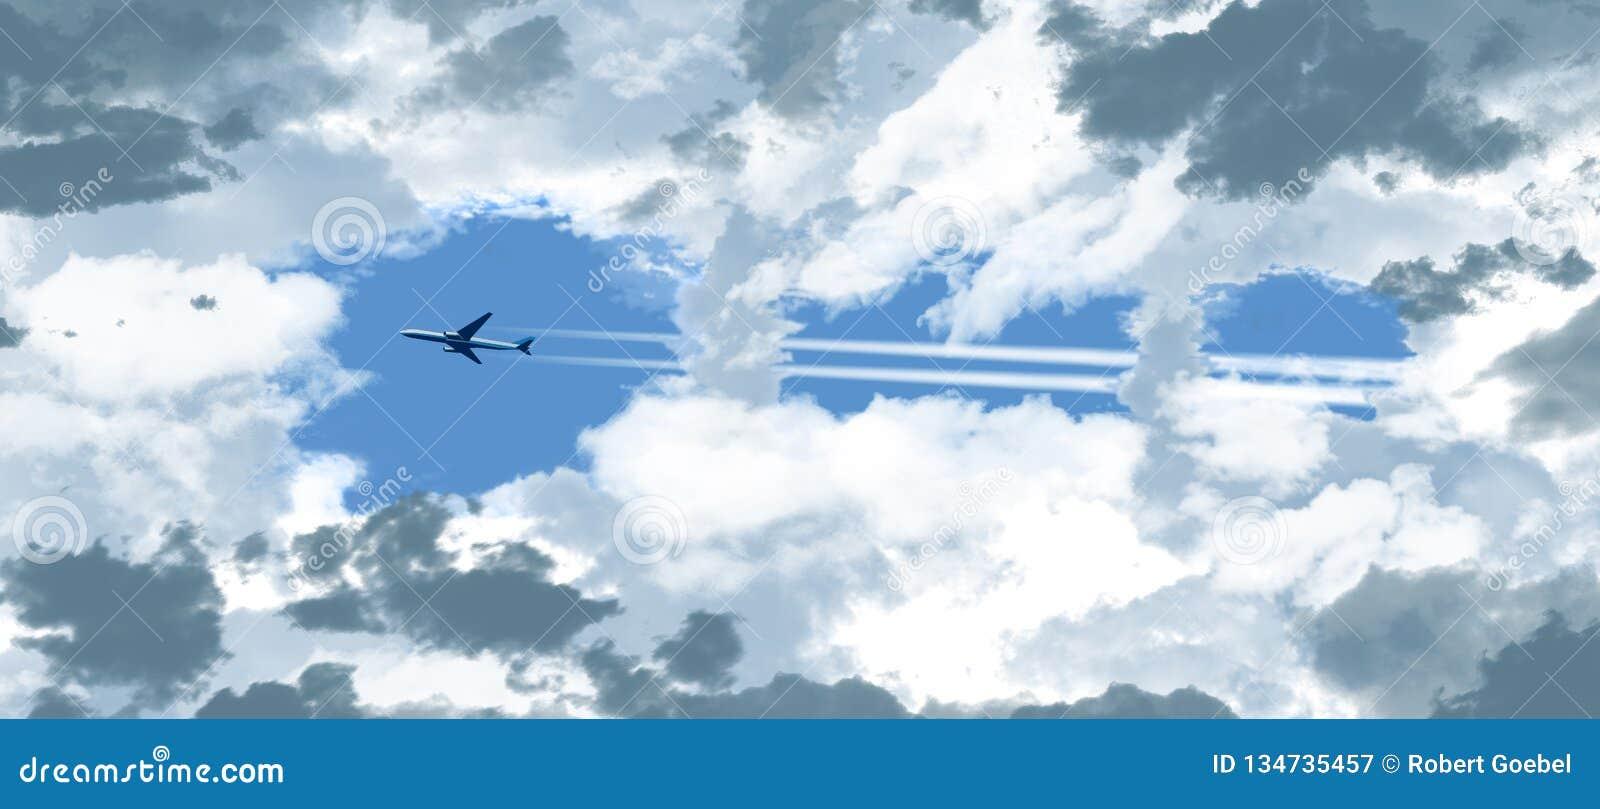 Ένα αεριωθούμενο επιβατηγό αεροσκάφος βλέπει μέσω ενός ανοίγματος στα σκουραίνοντας σύννεφα όπως πετά πέρα από έναν ειδάλλως μπλε